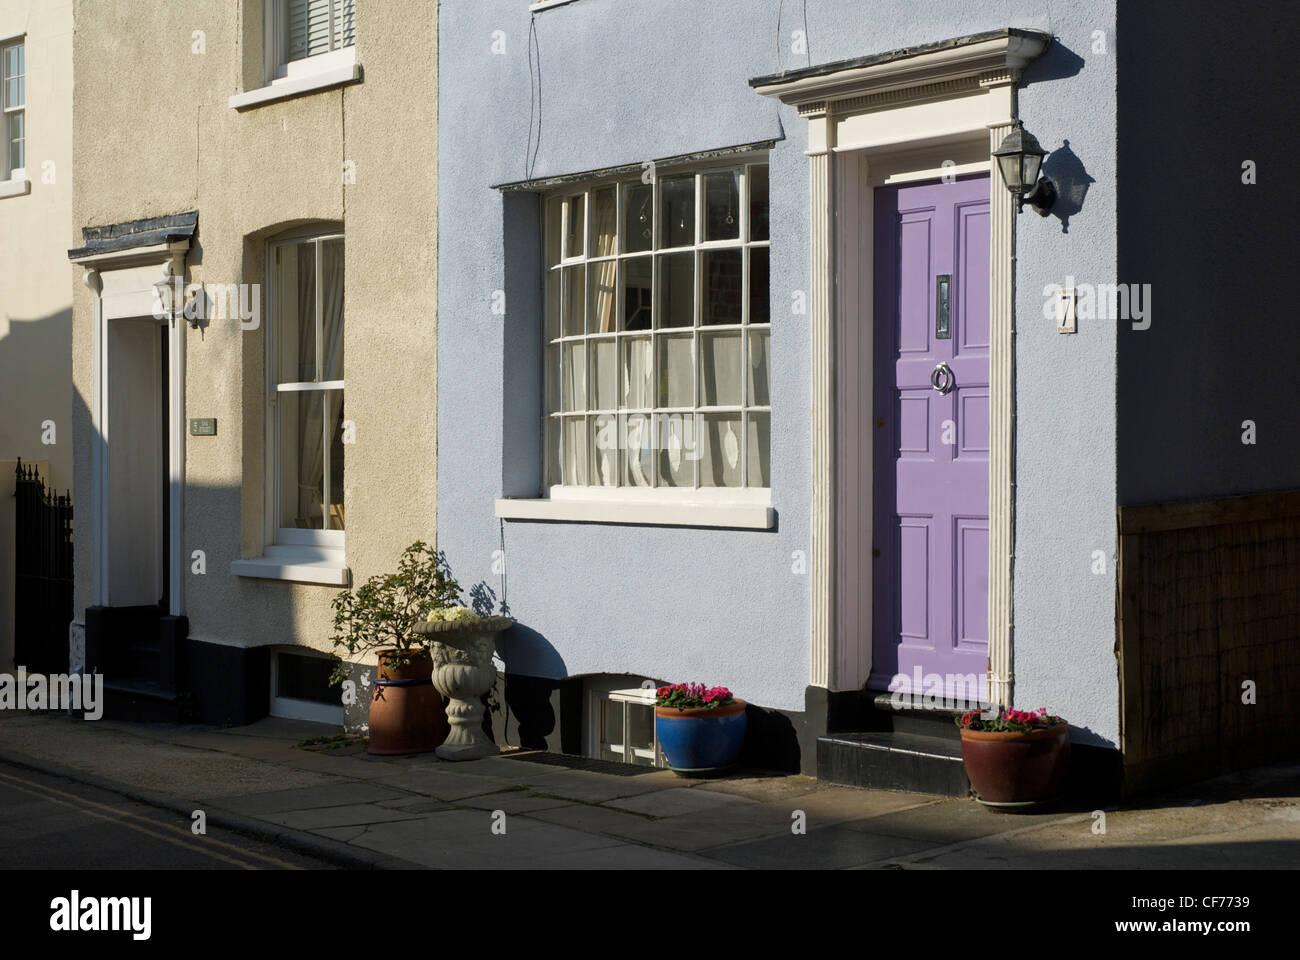 Casa in trattativa, Kent, England, Regno Unito Immagini Stock